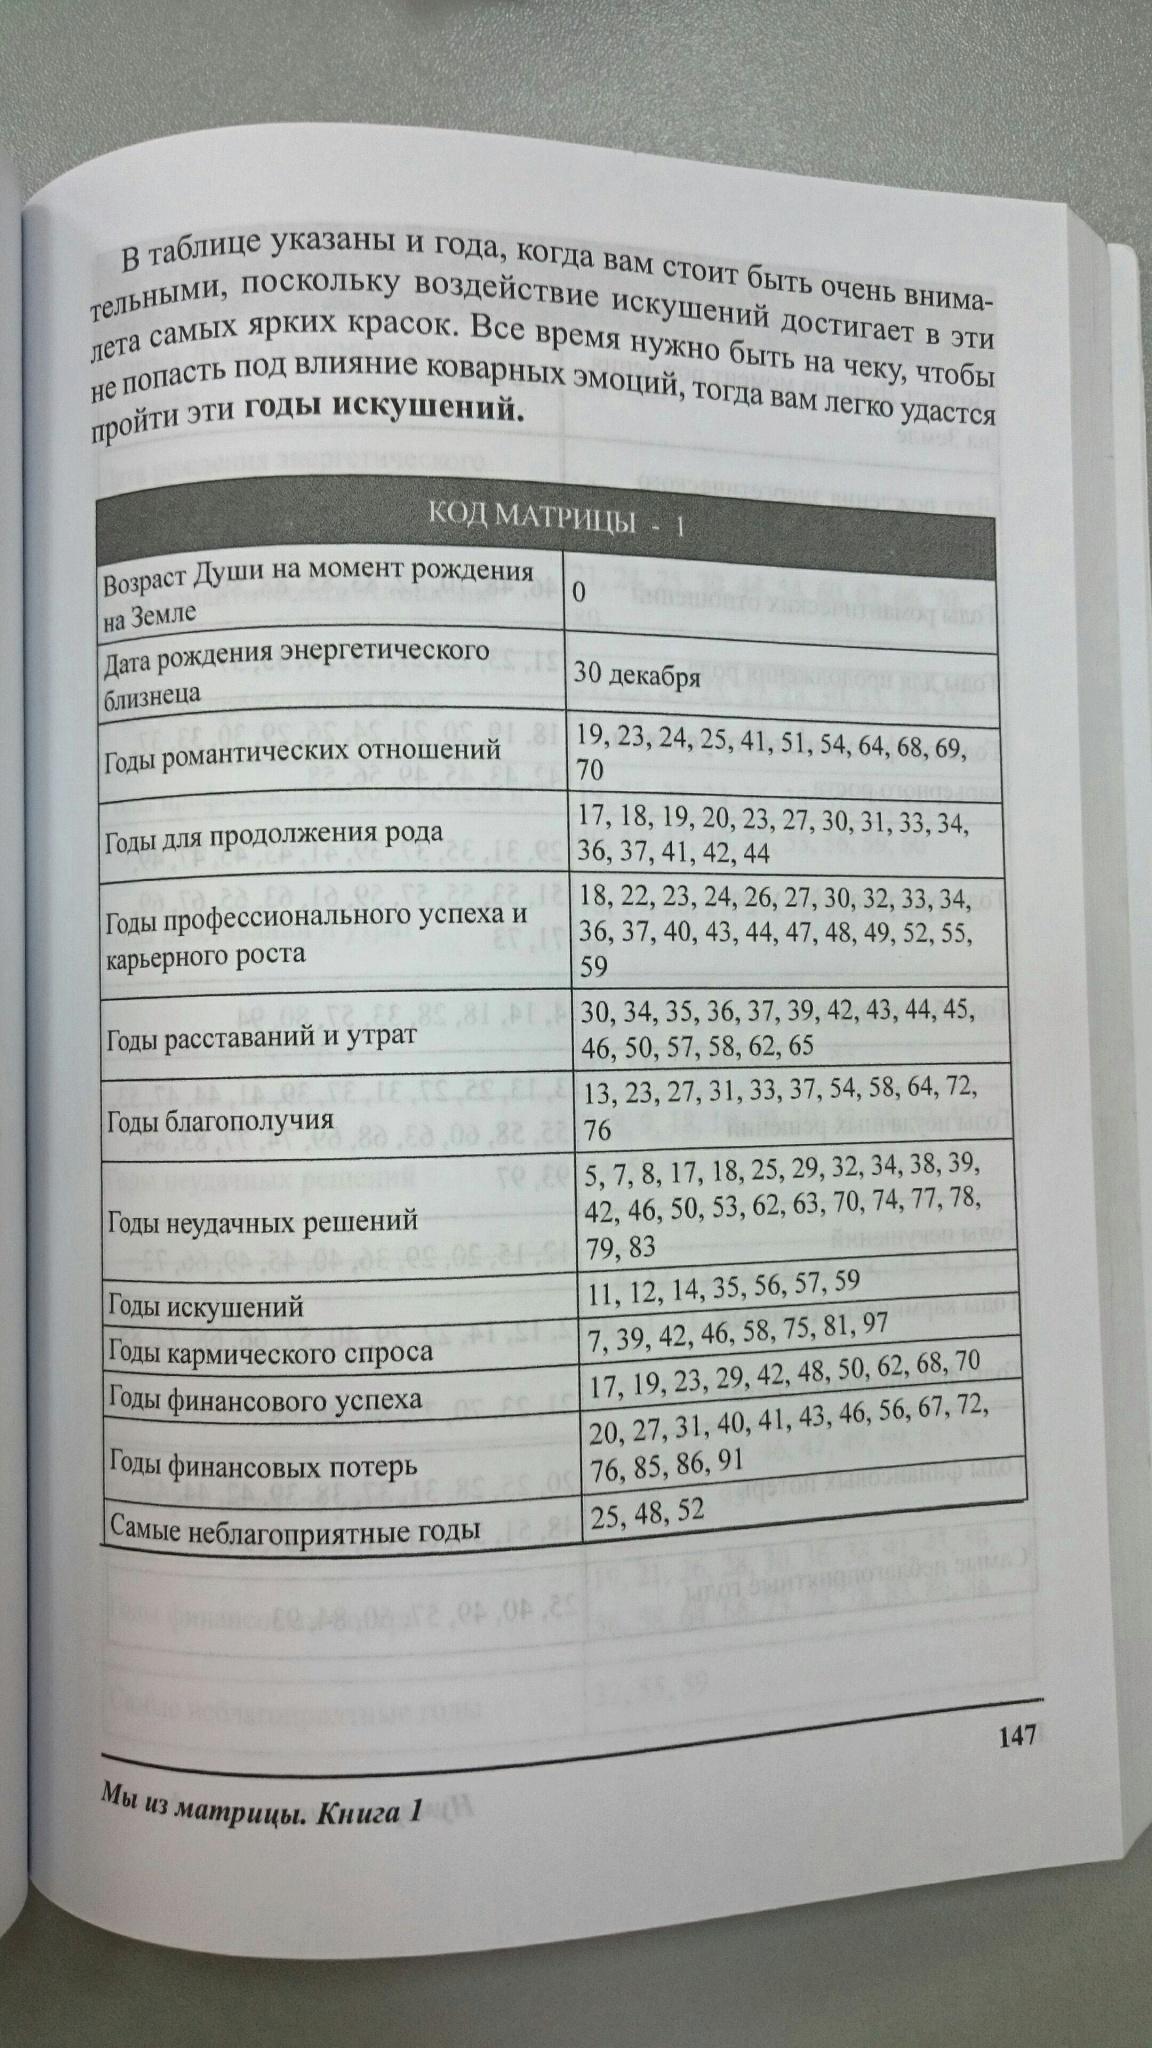 сакральные коды матрицы скачать бесплатно